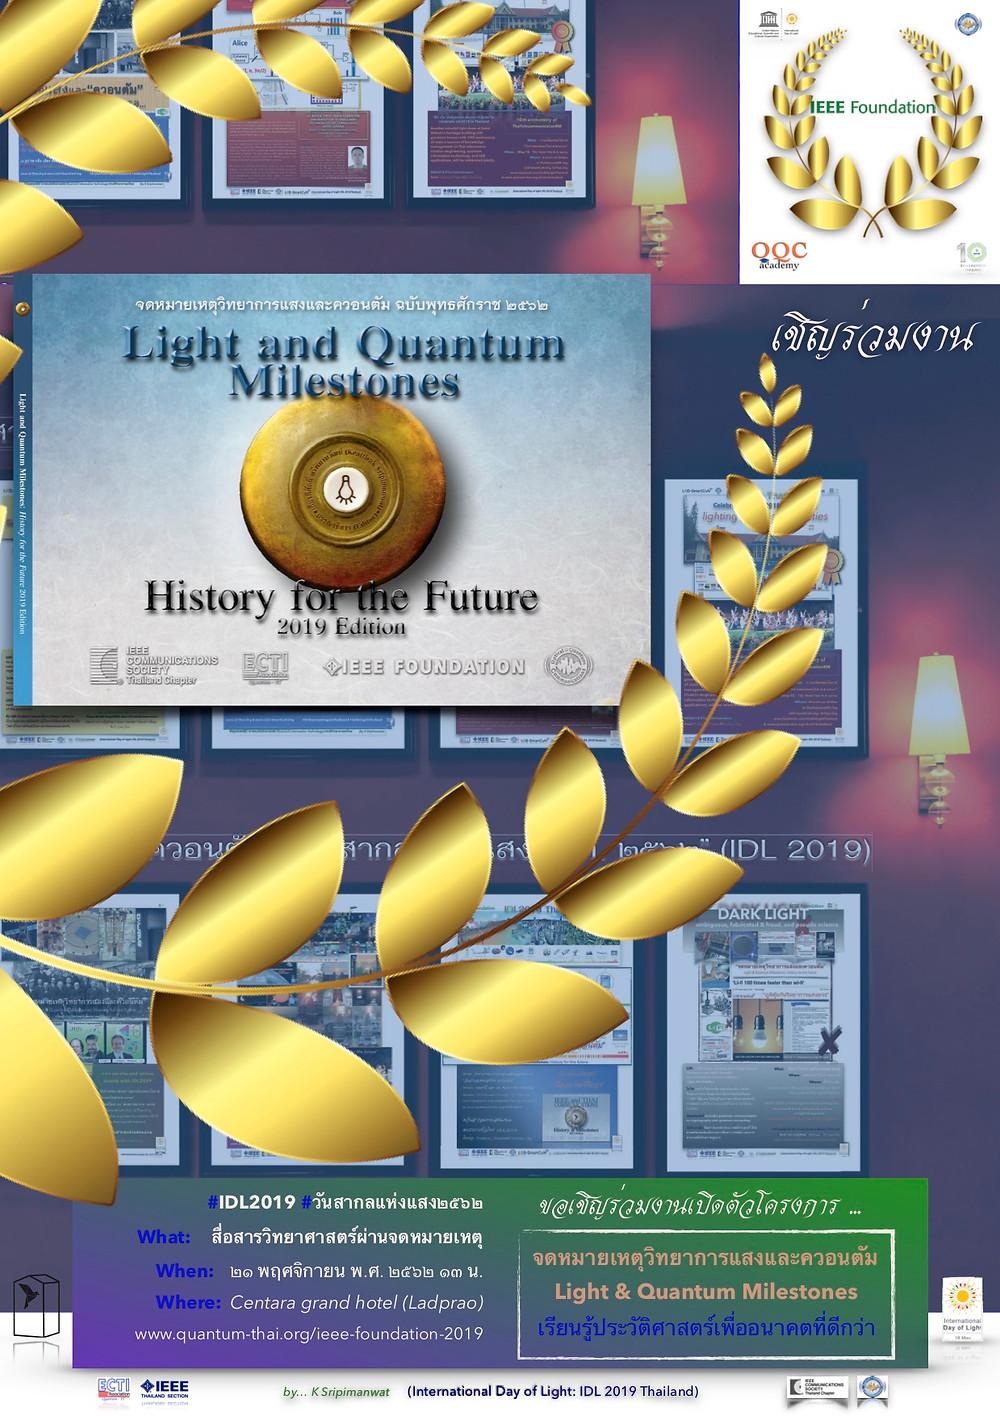 """เปิดตัวโครงการ """"จดหมายเหตุวิทยาการแสงและควอนตัม"""" ๒๑ พ.ย. ๒๕๖๒"""